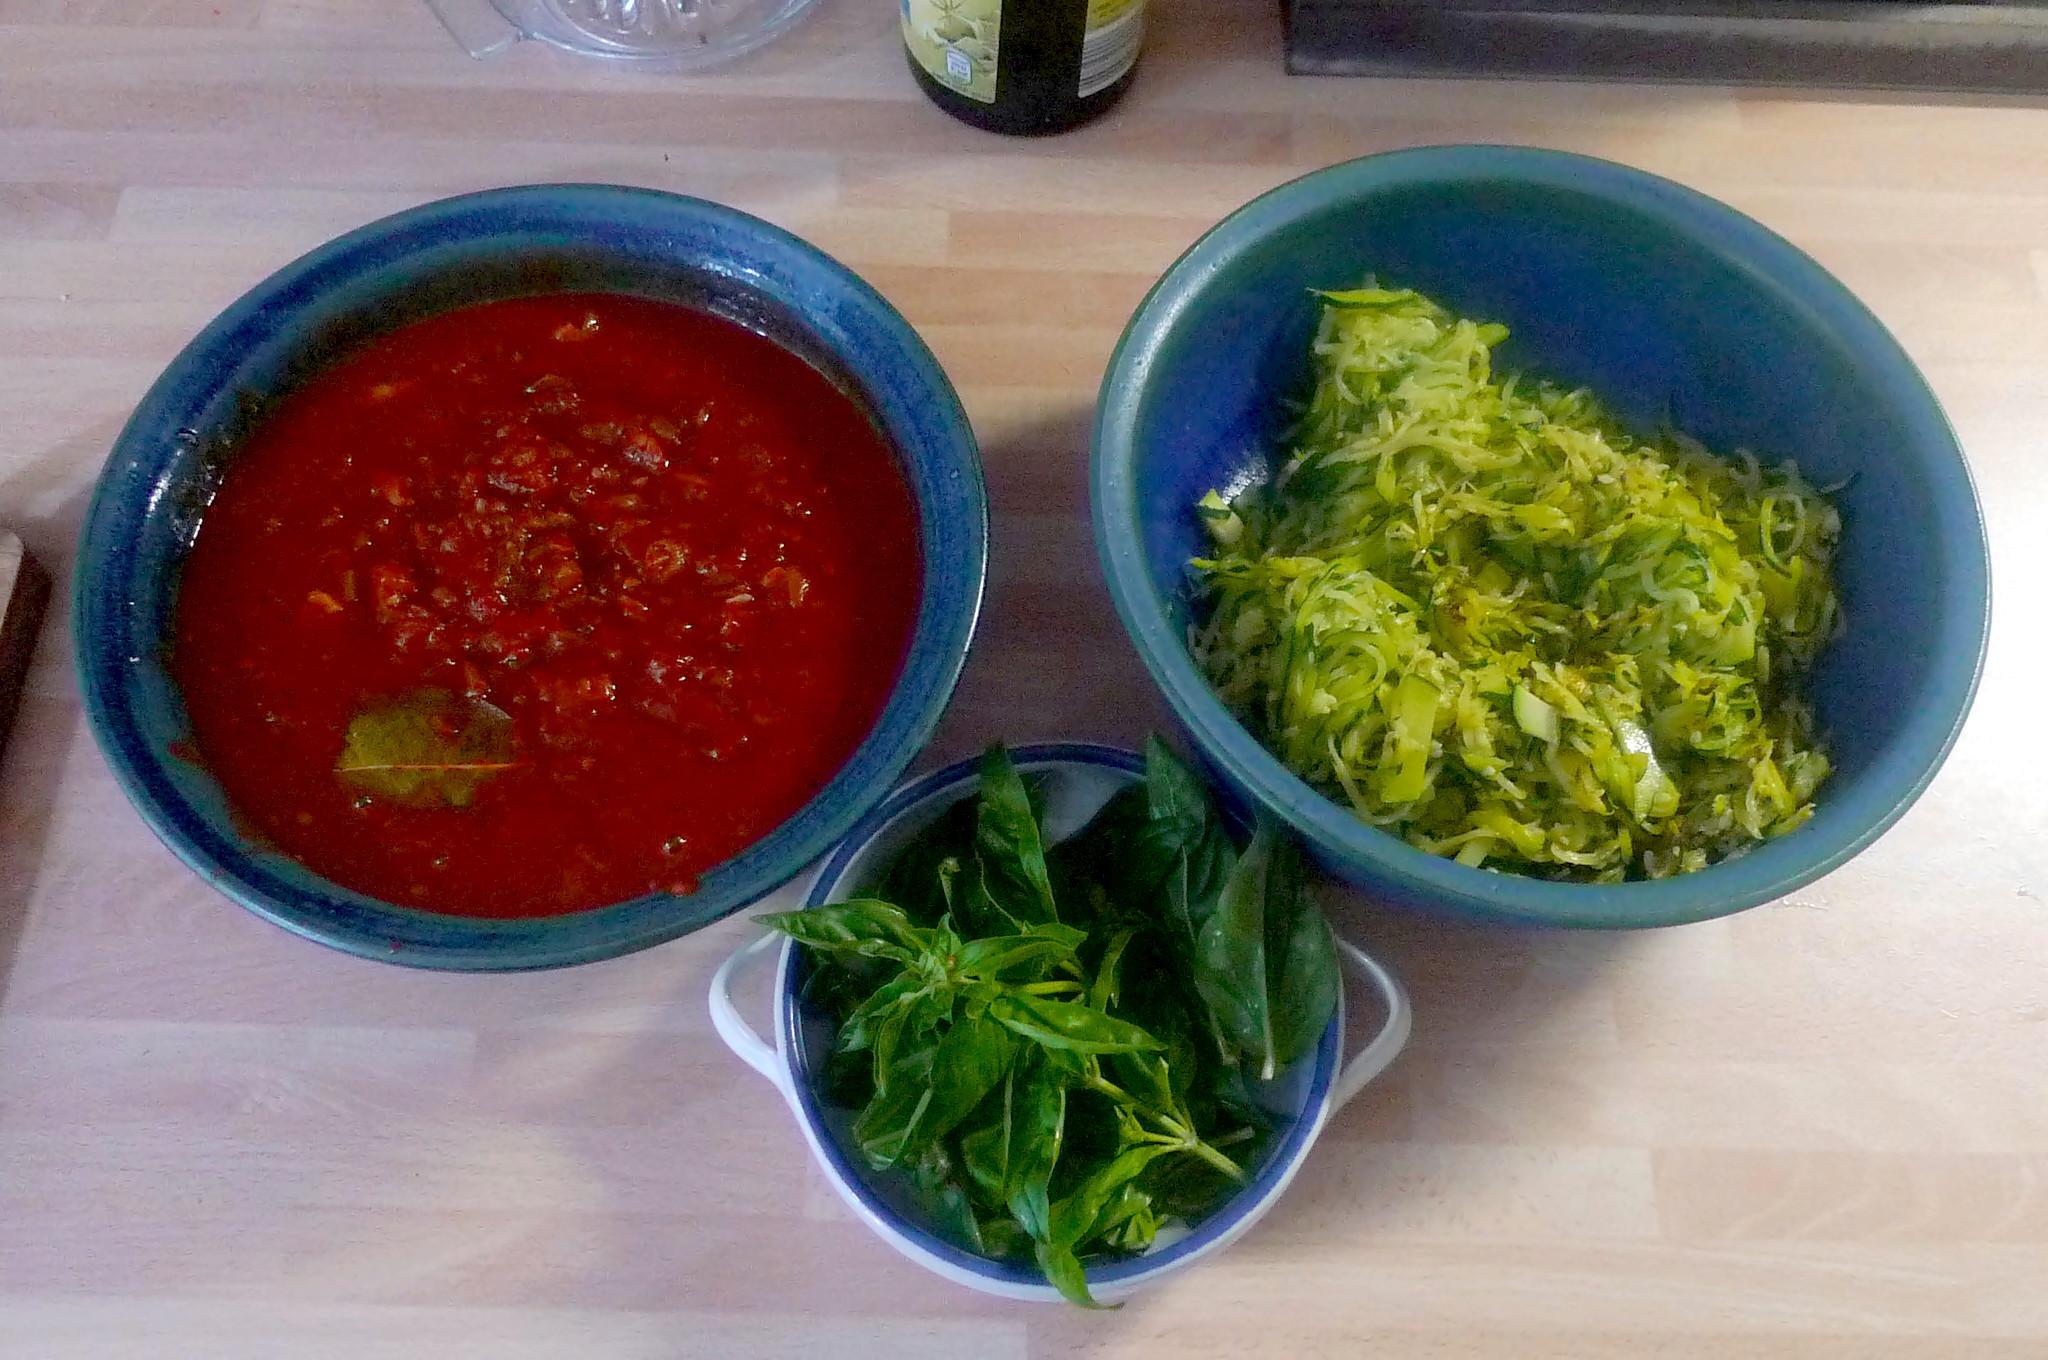 Zucchinispagetthi,Tomatensauce,veganvegetarisch -15.8.15 (9)